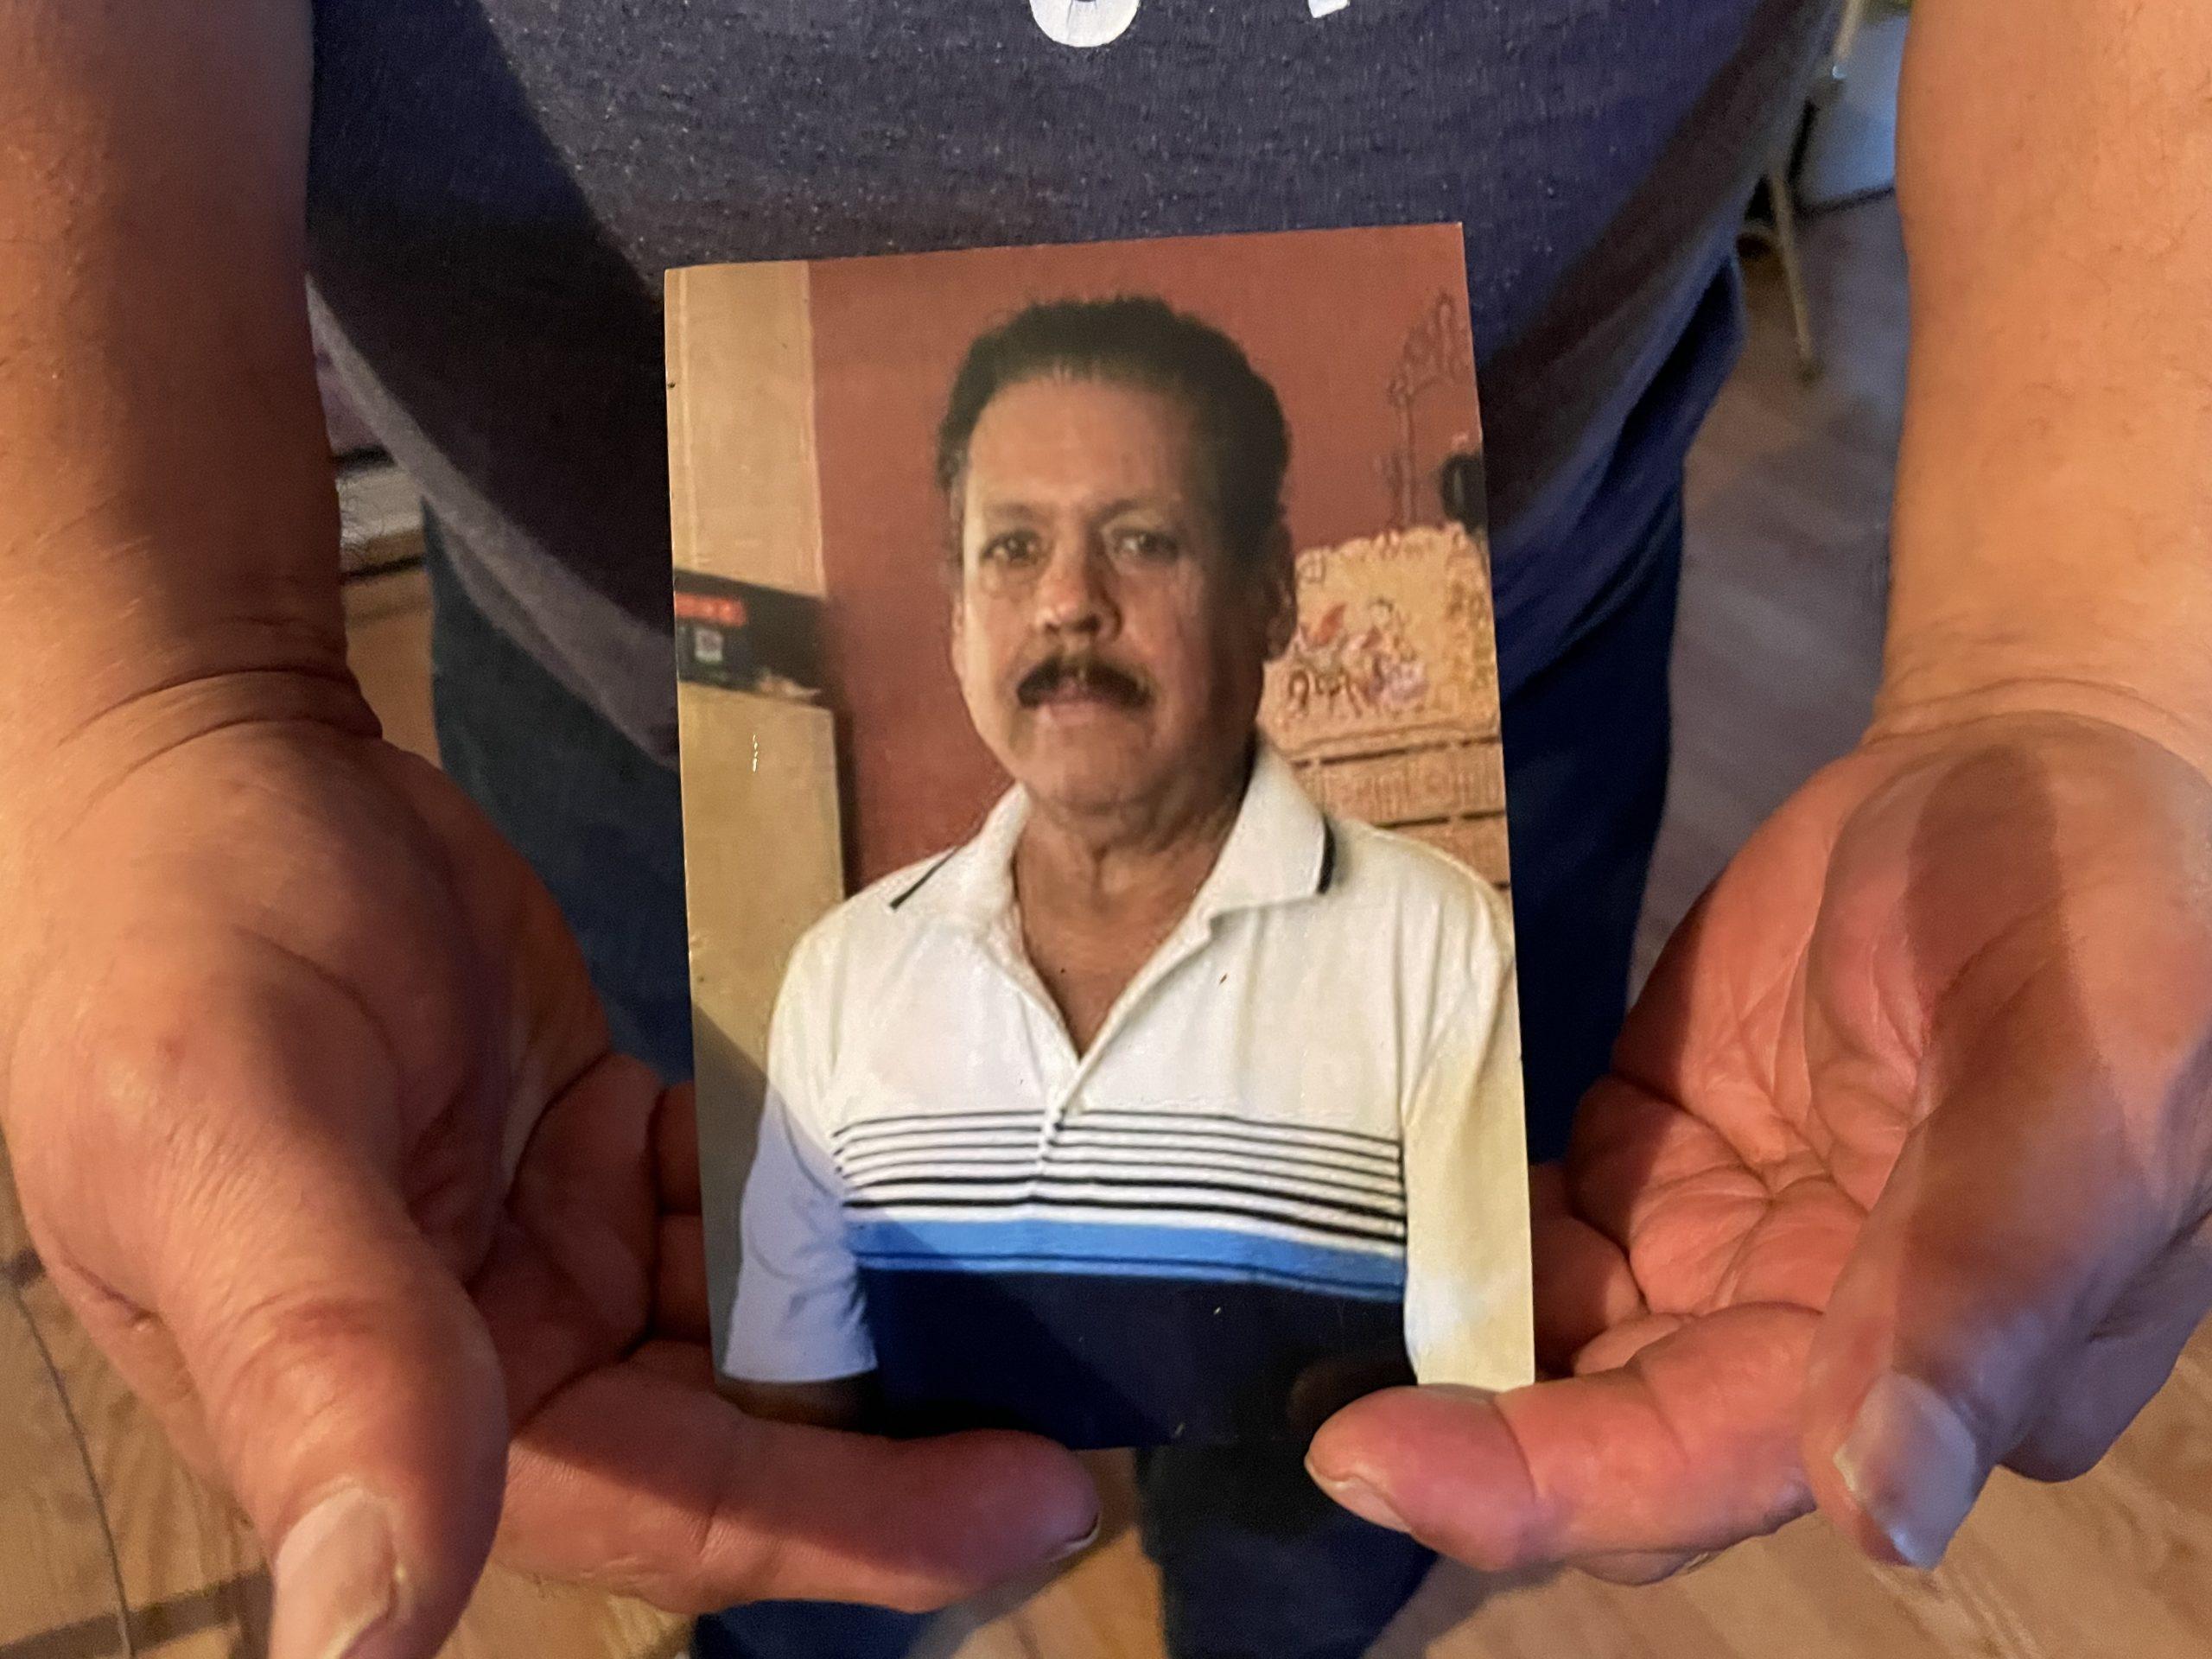 El Estado de Tennessee investigará nuevas acusaciones contra un director de funerarias que continúa explotando a la familias inmigrantes